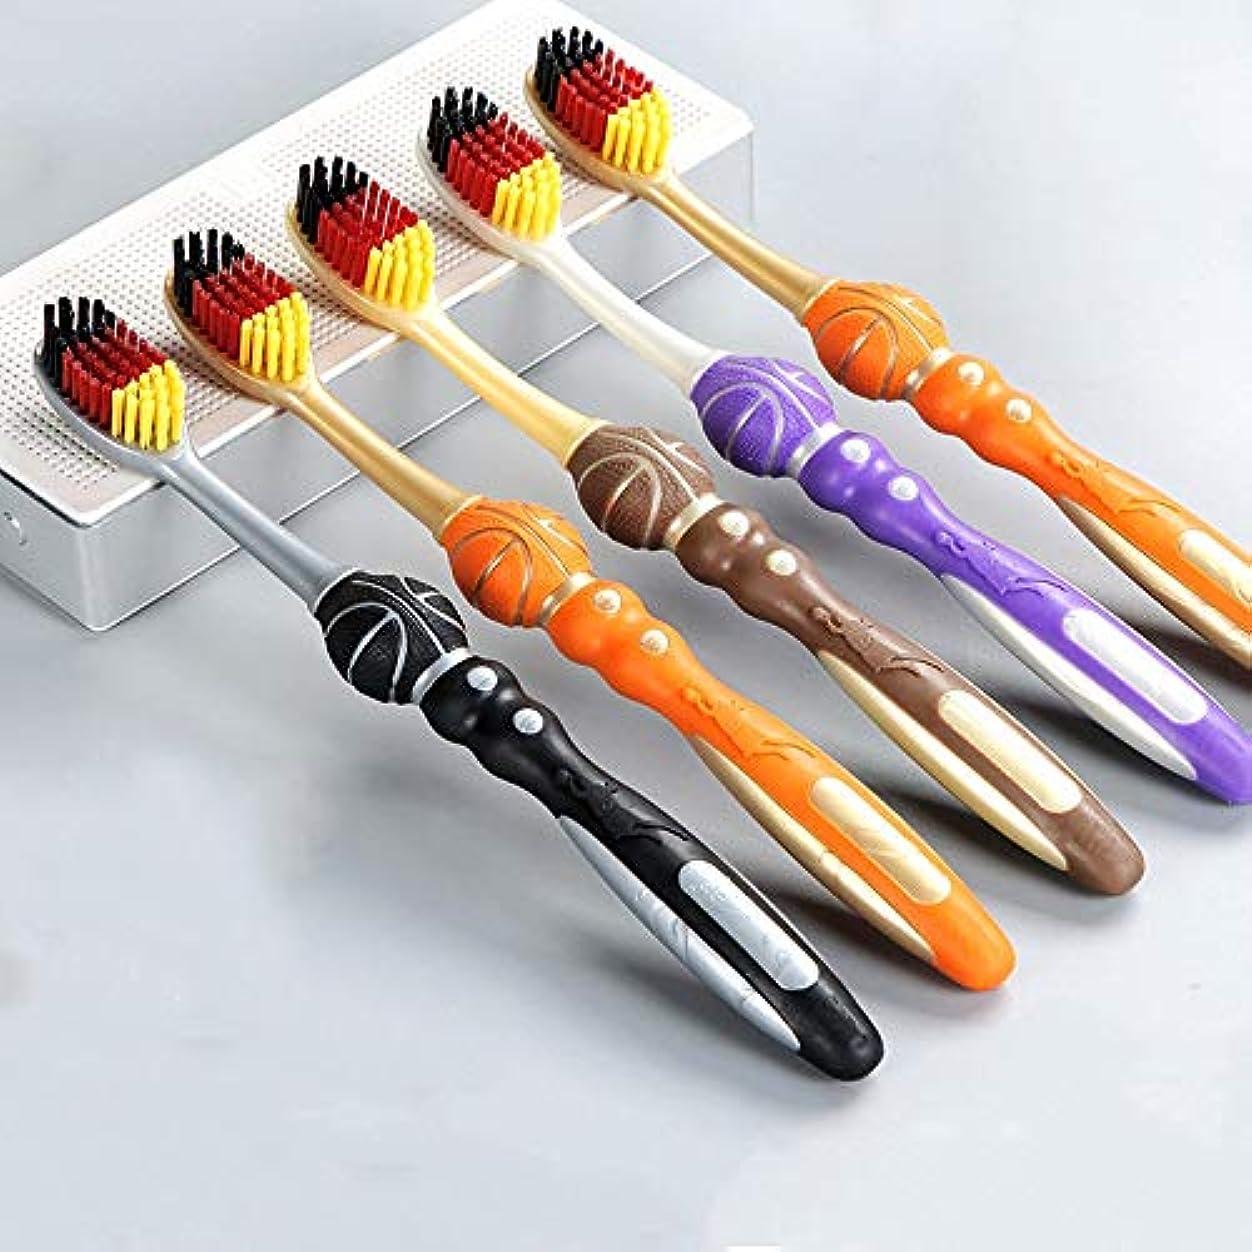 生む仕えるむしろ歯ブラシ 10パック歯ブラシ、ソフト毛歯ブラシ、竹炭歯ブラシ、携帯用歯ブラシ - 利用可能な2つのスタイル HL (色 : A, サイズ : 10 packs)